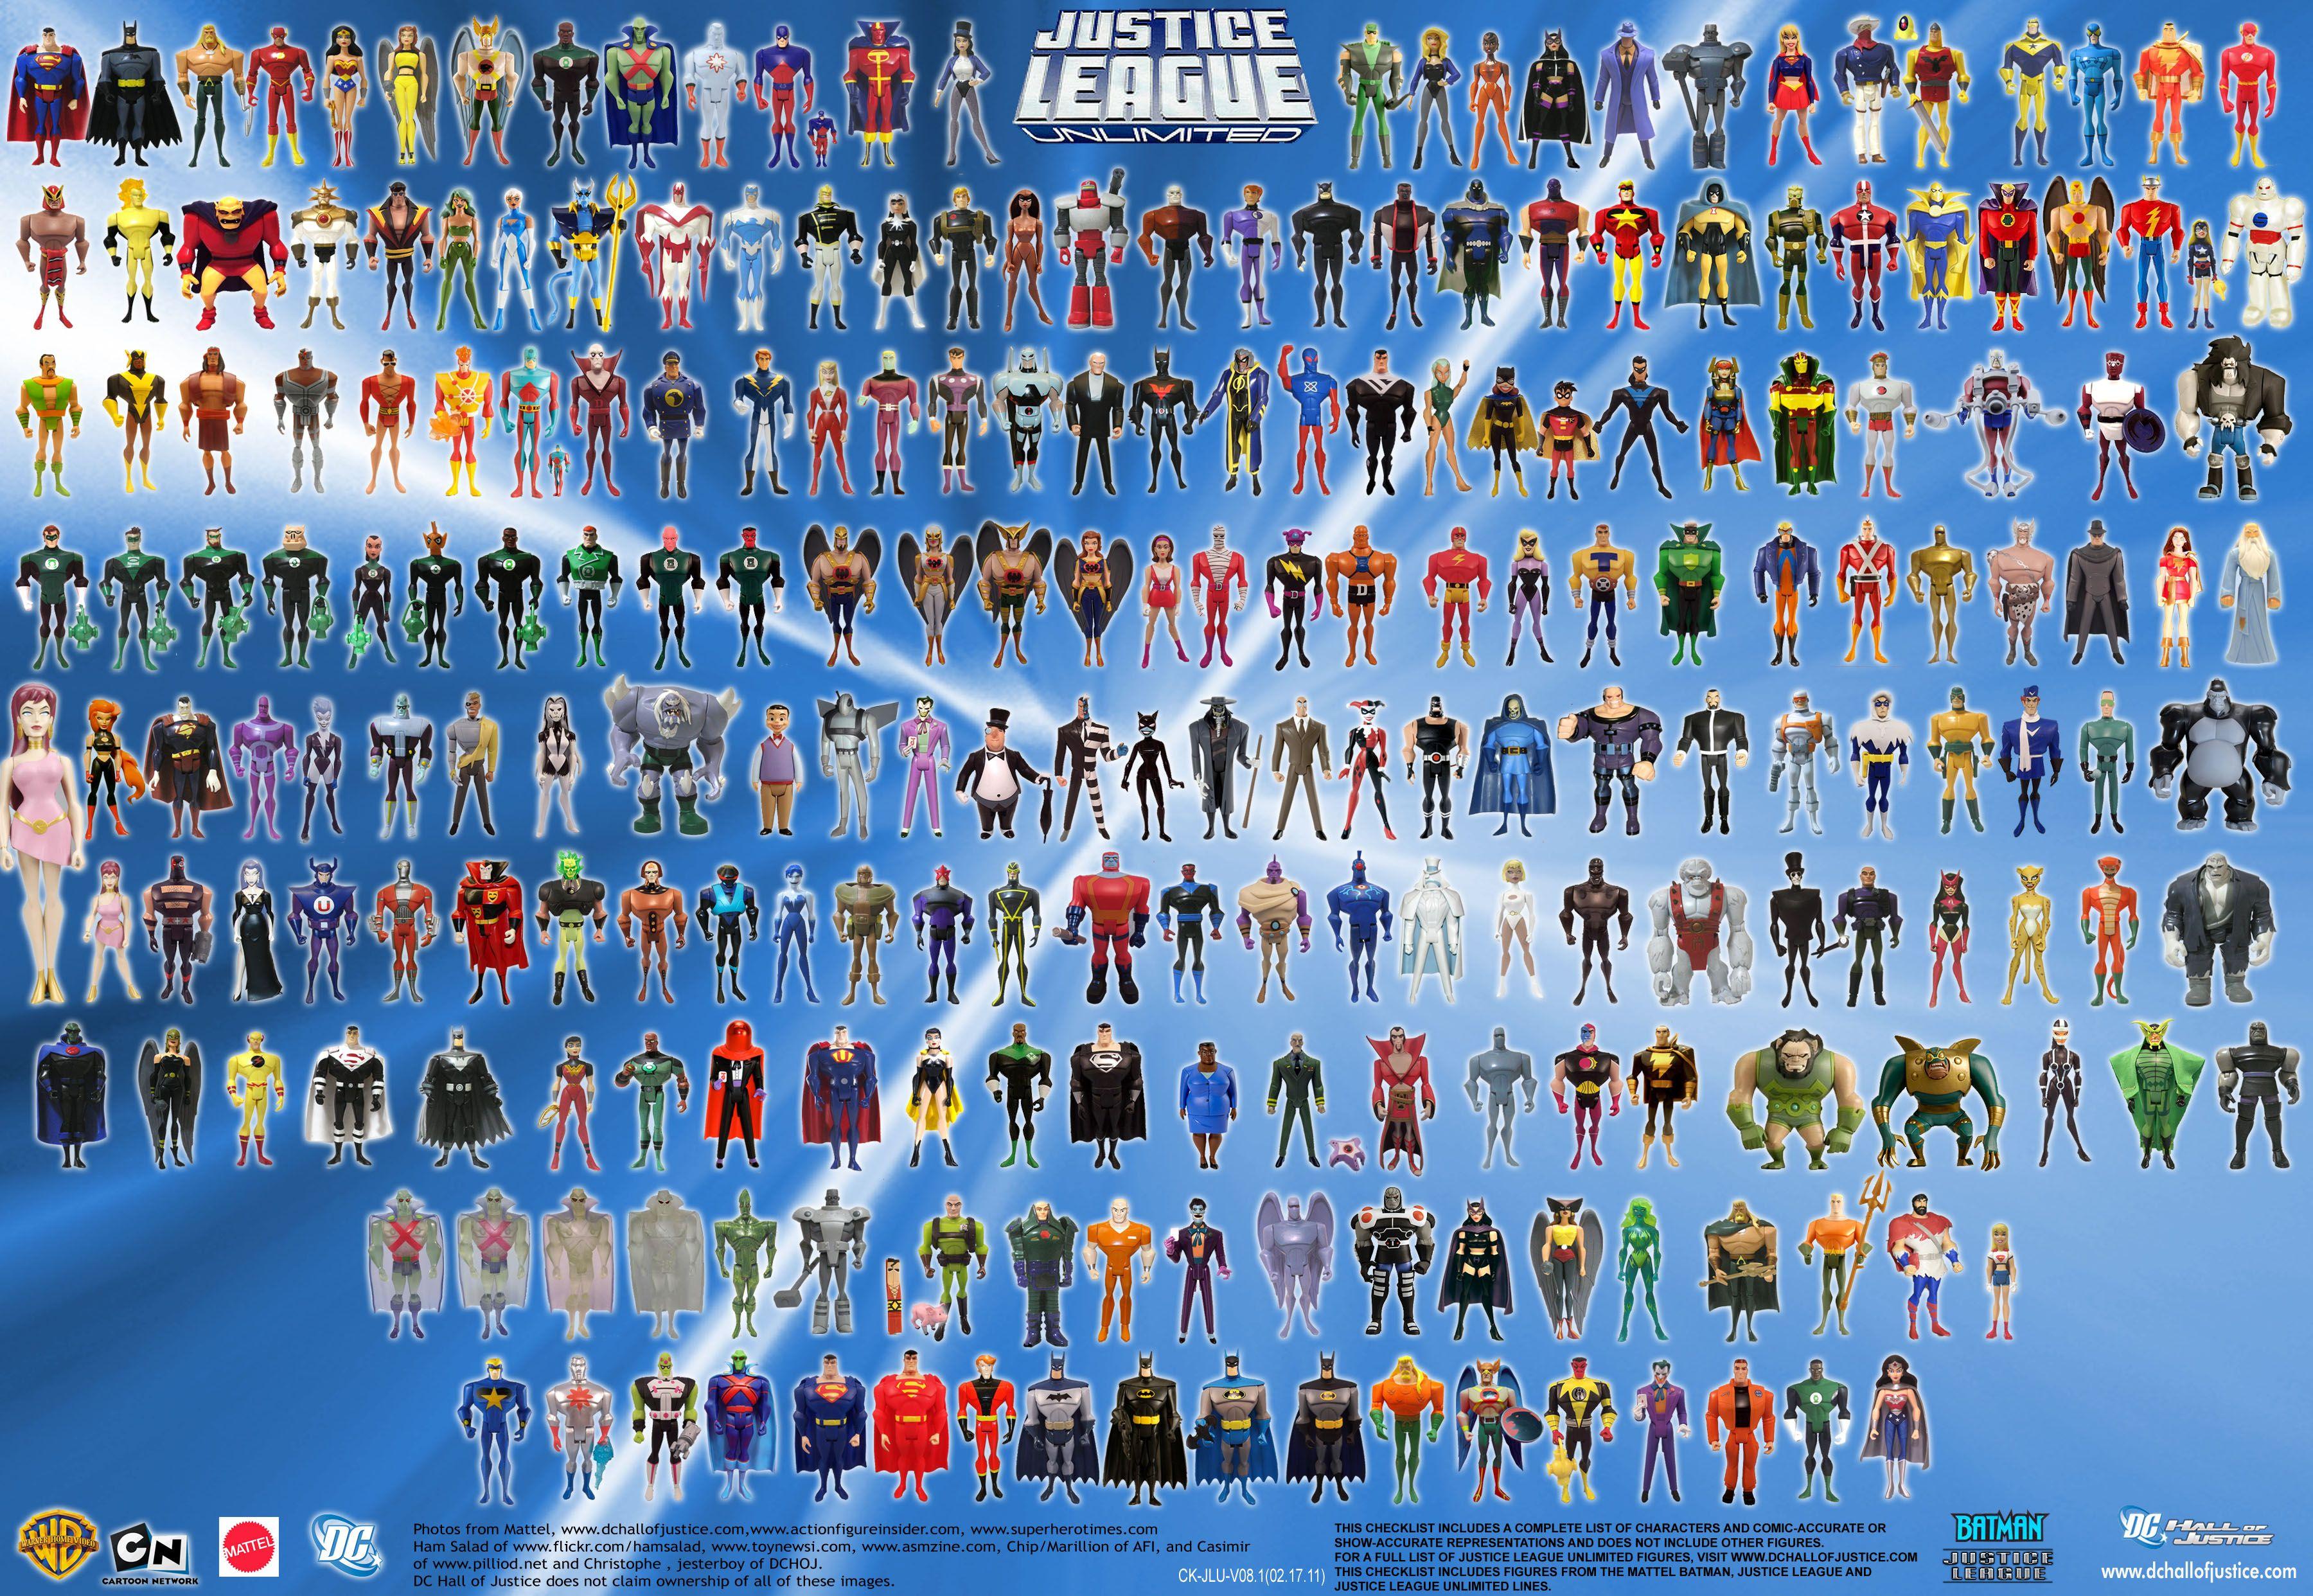 Justice League Unlimited Action Figure Collection Justice League Unlimited Justice League Toys Justice League